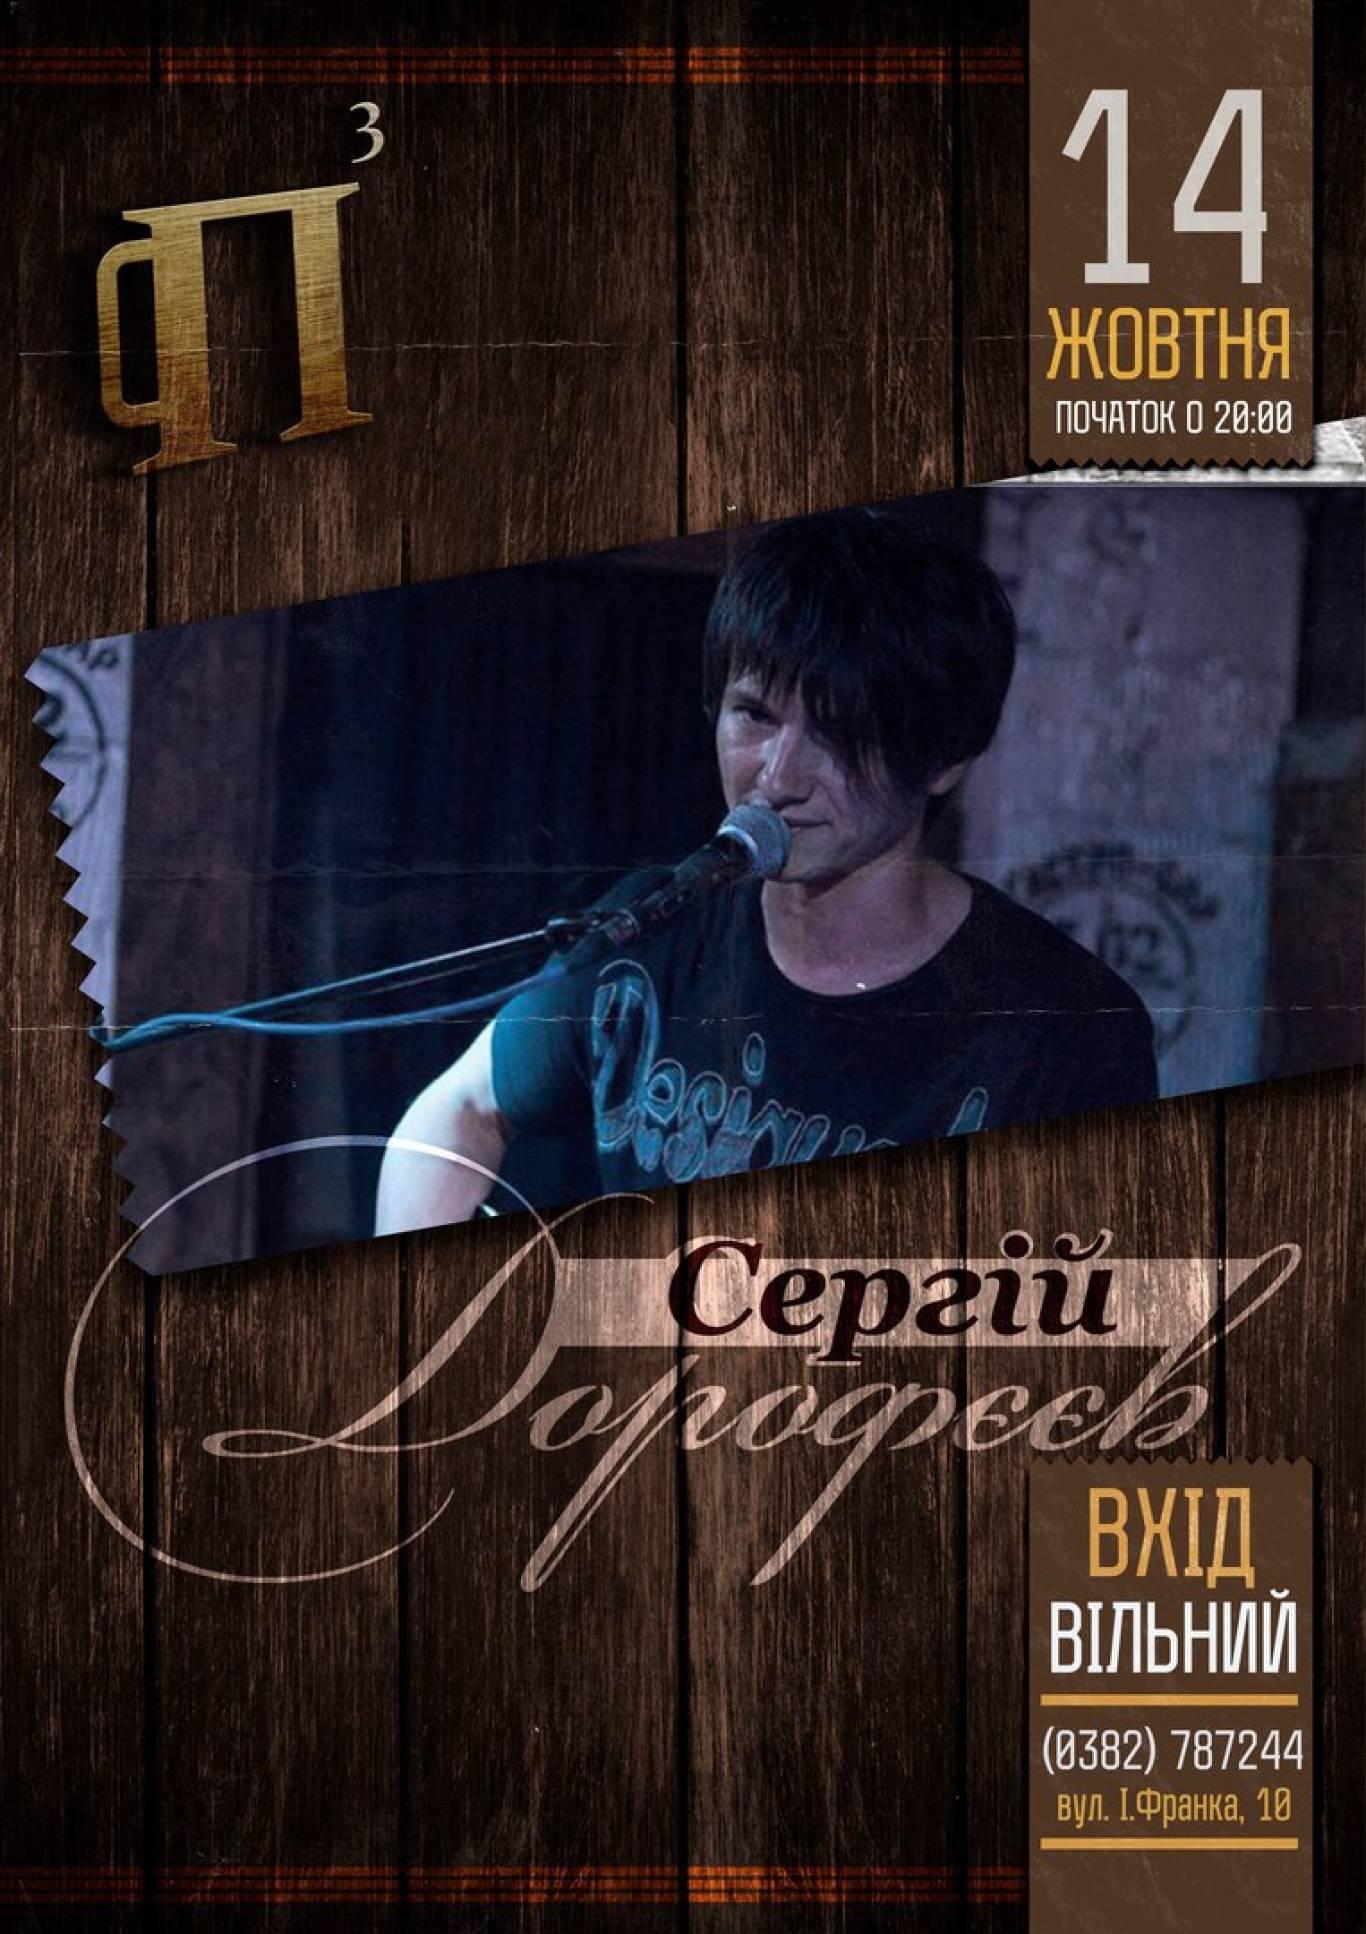 Концерт Сергія Дорофєєва